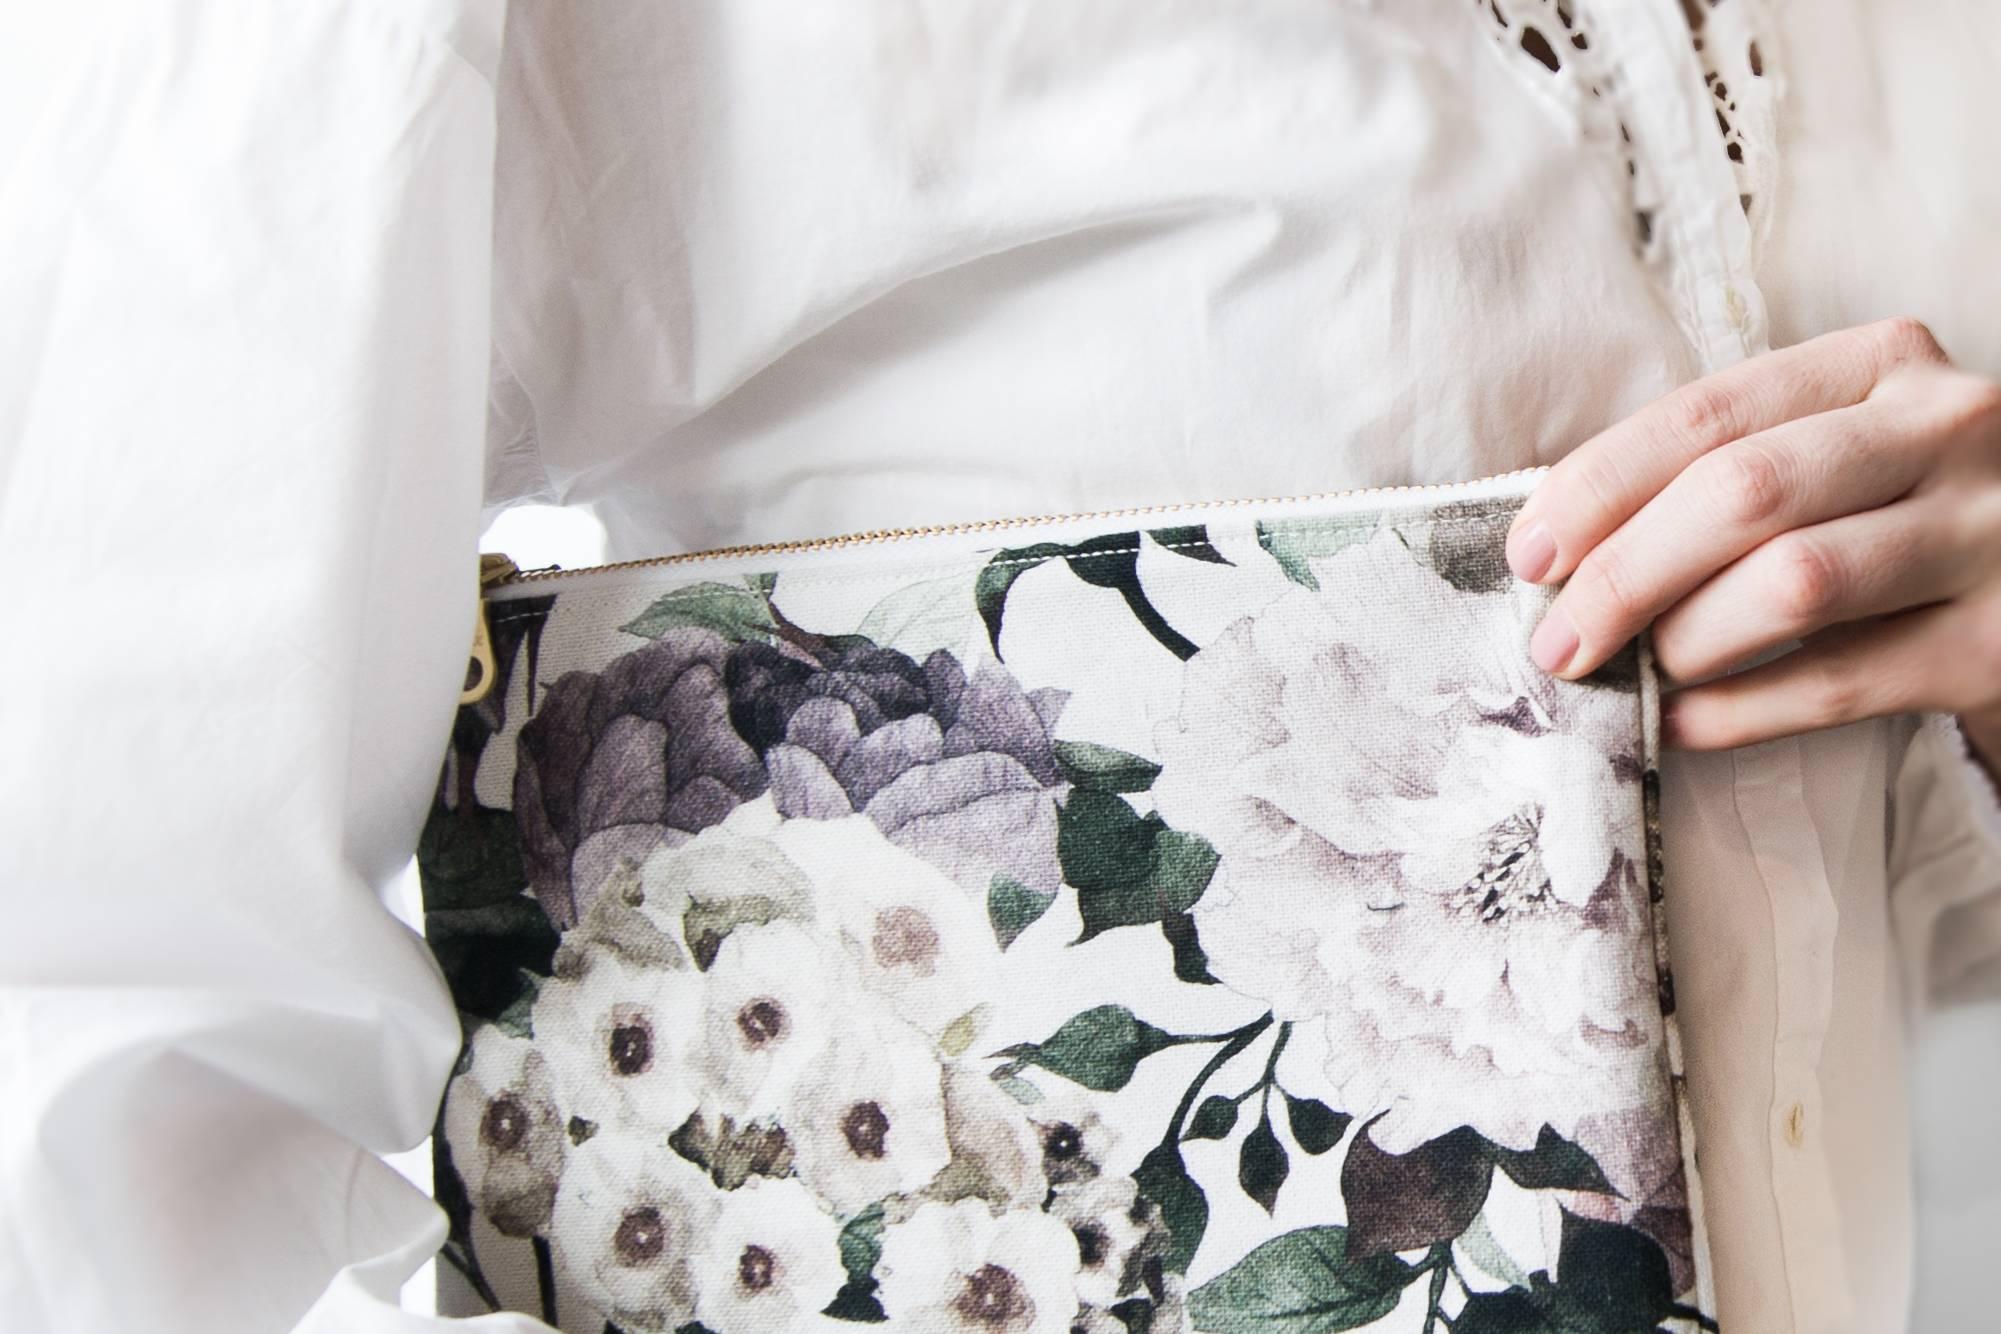 Nicola Marisa, Handtasche, handgemacht, Modeaccessoires, selbstgenäht